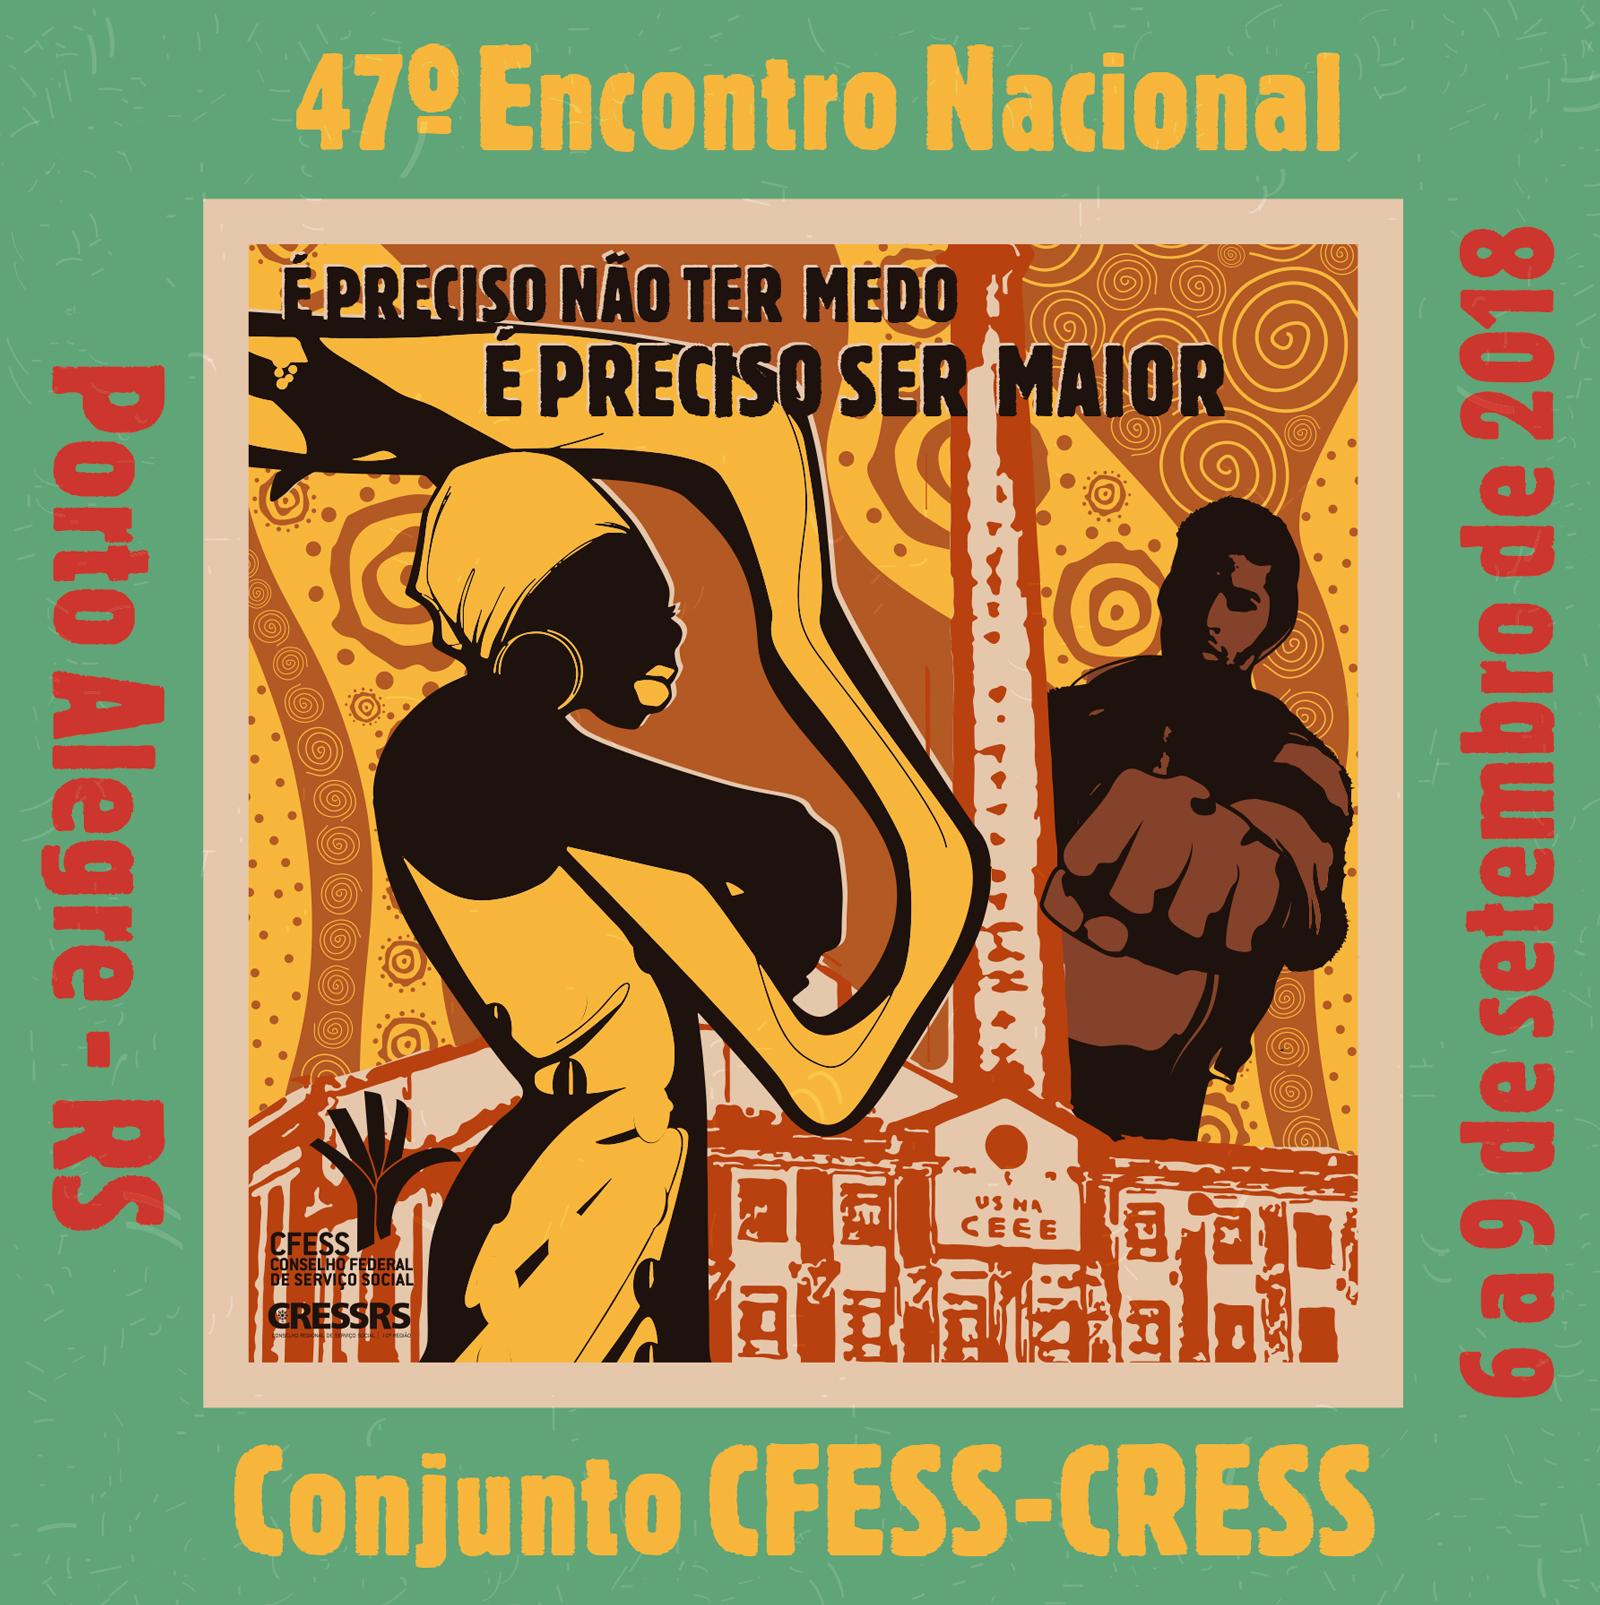 Imagem da arte do 47º Encontro Nacional CFESS-CRESS